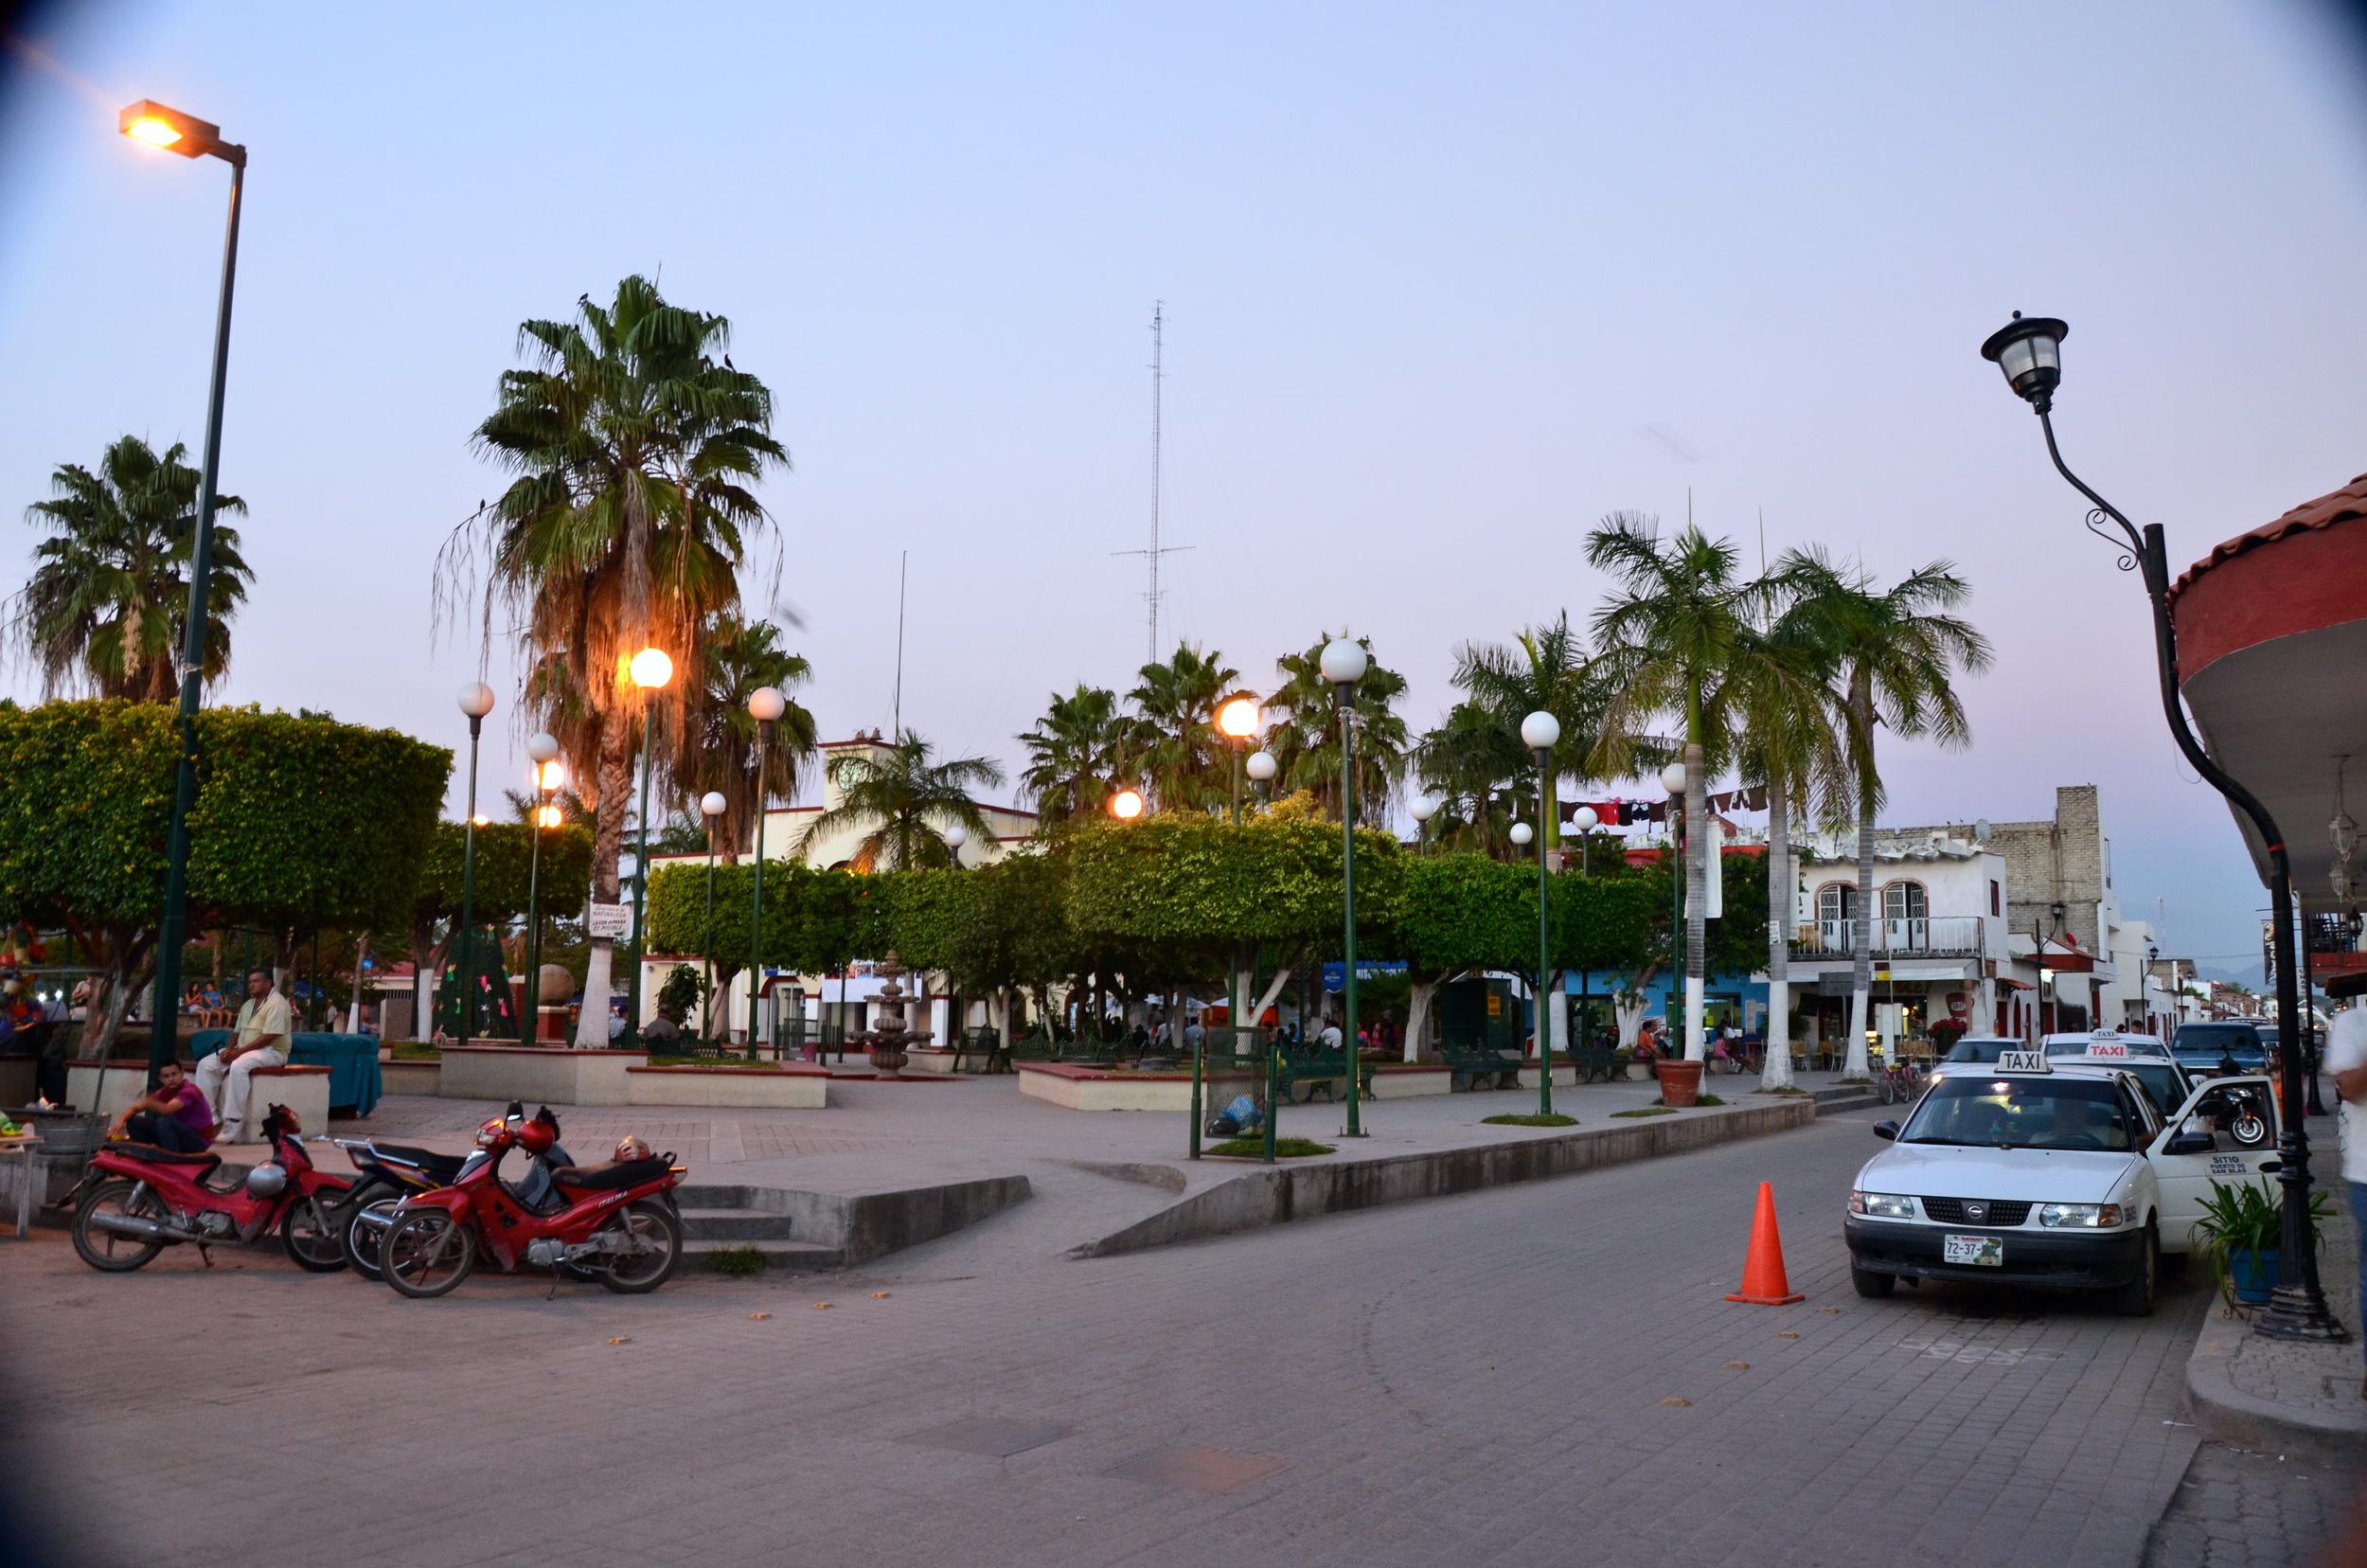 pueblo cuadrado, Town square